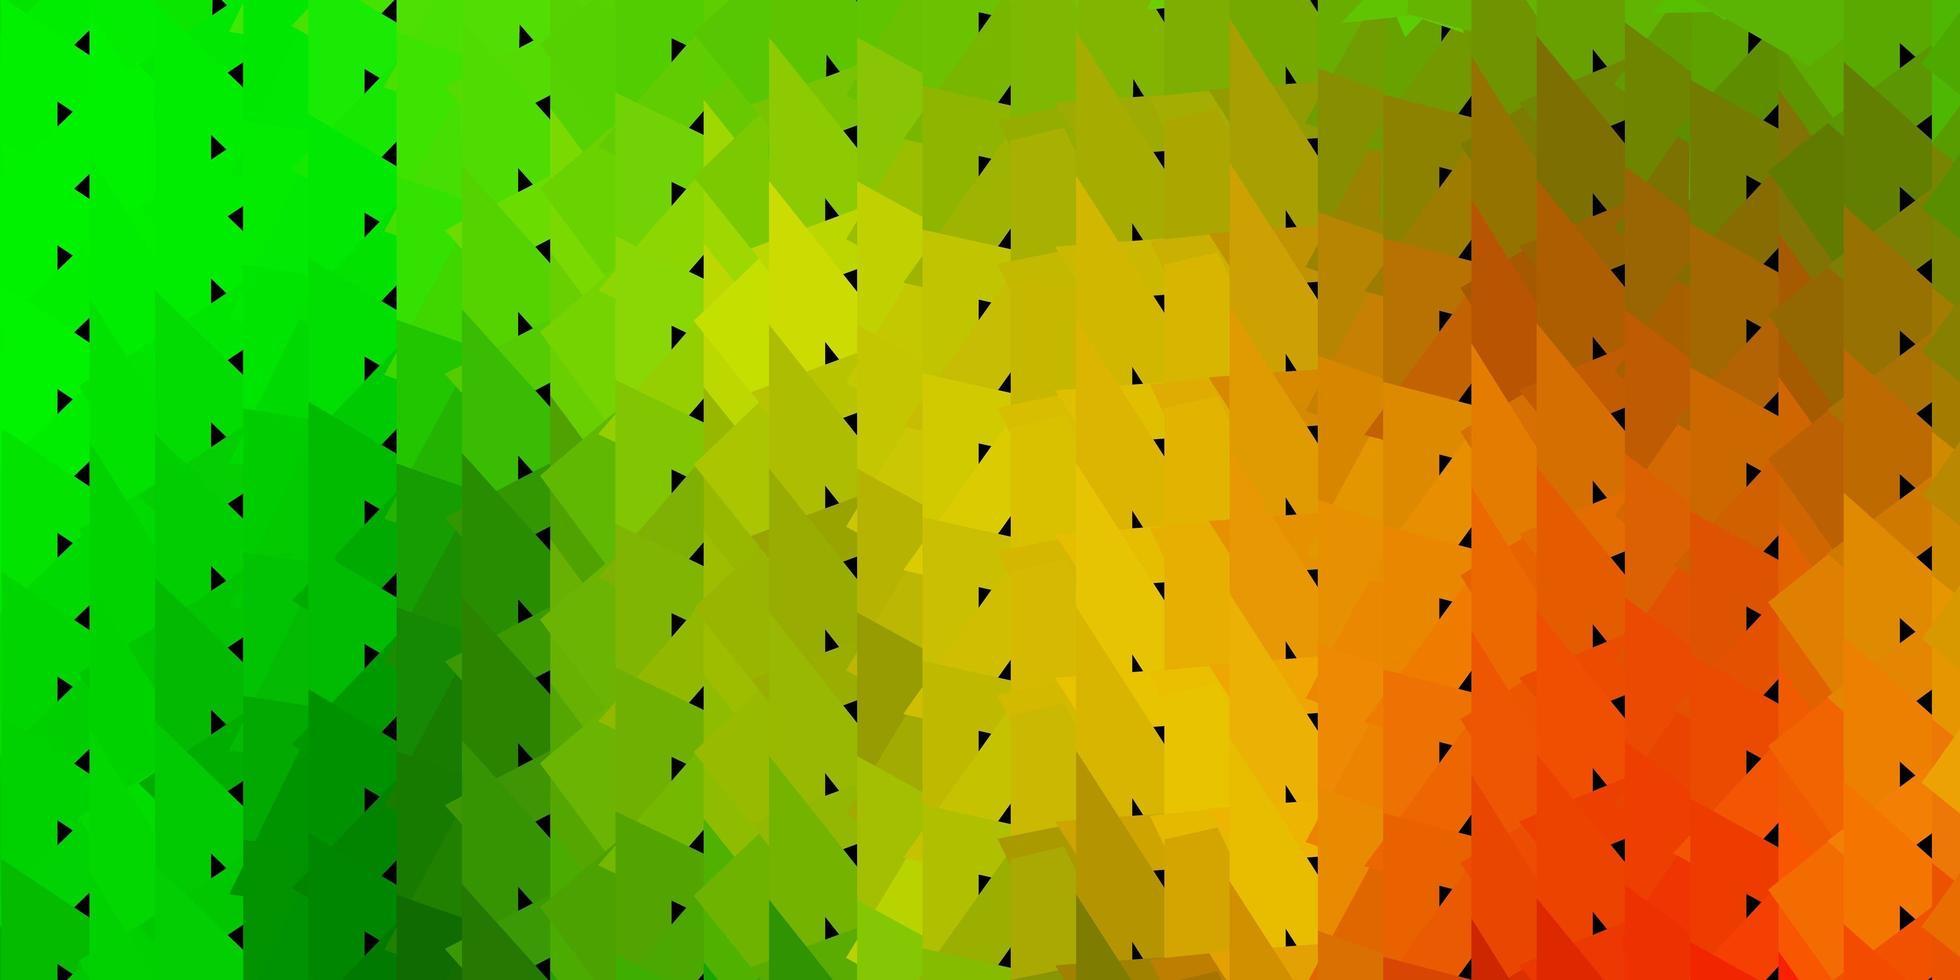 texture de triangle abstrait vecteur vert foncé, jaune.